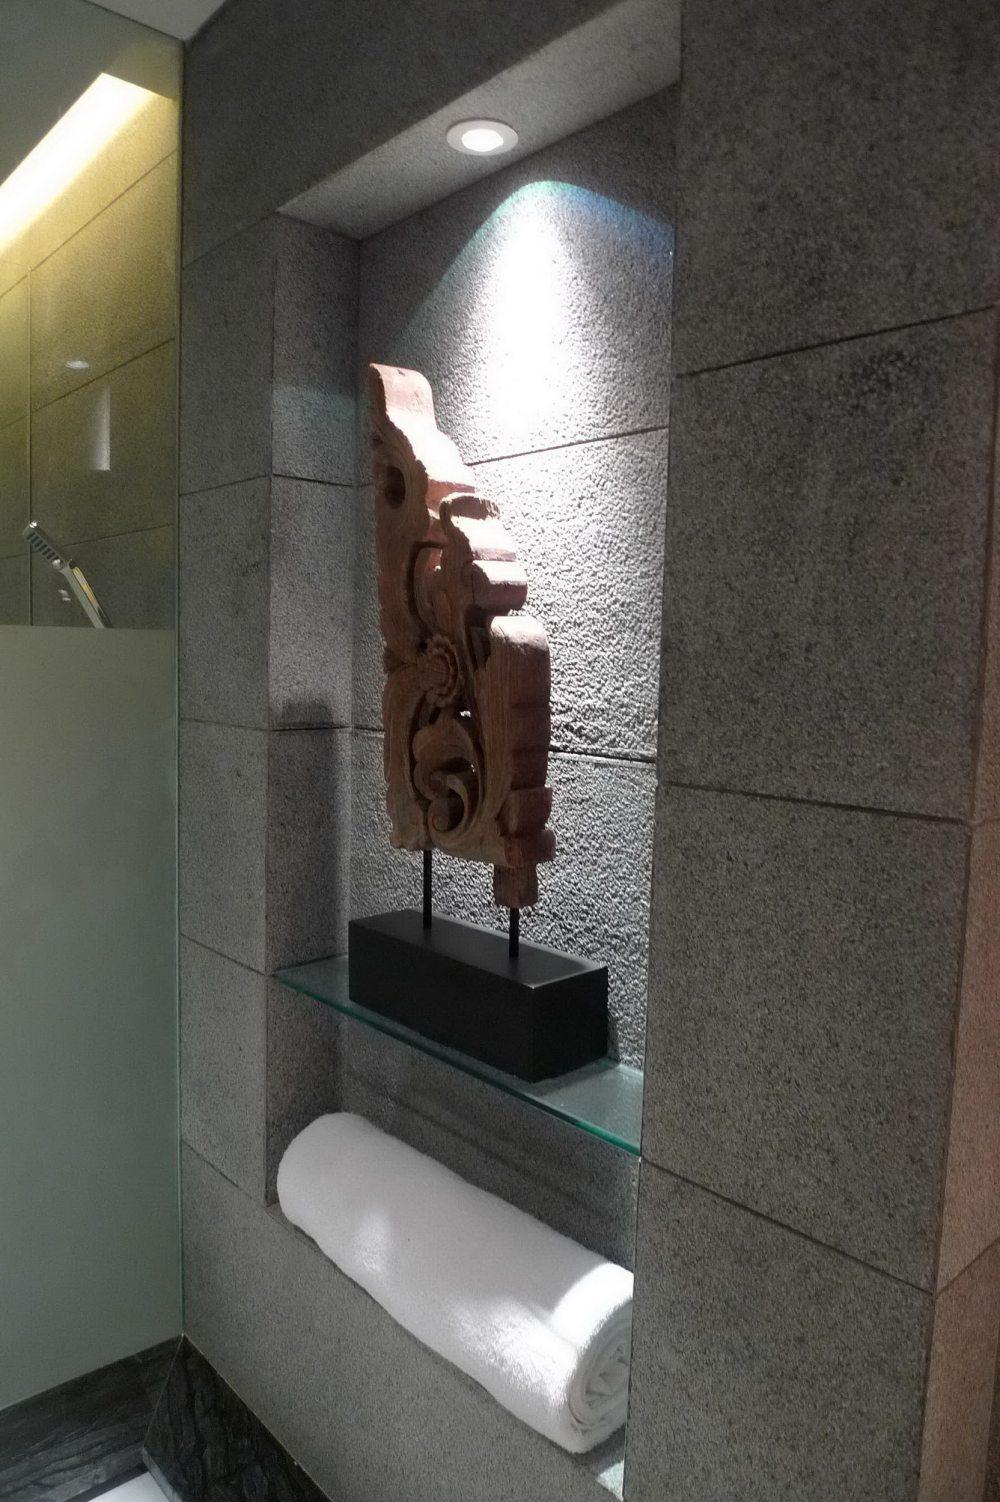 云南丽江铂尔曼渡假酒店(Lijiang Pullman Hotel)(CCD)(第8页更新)_P1010707.jpg